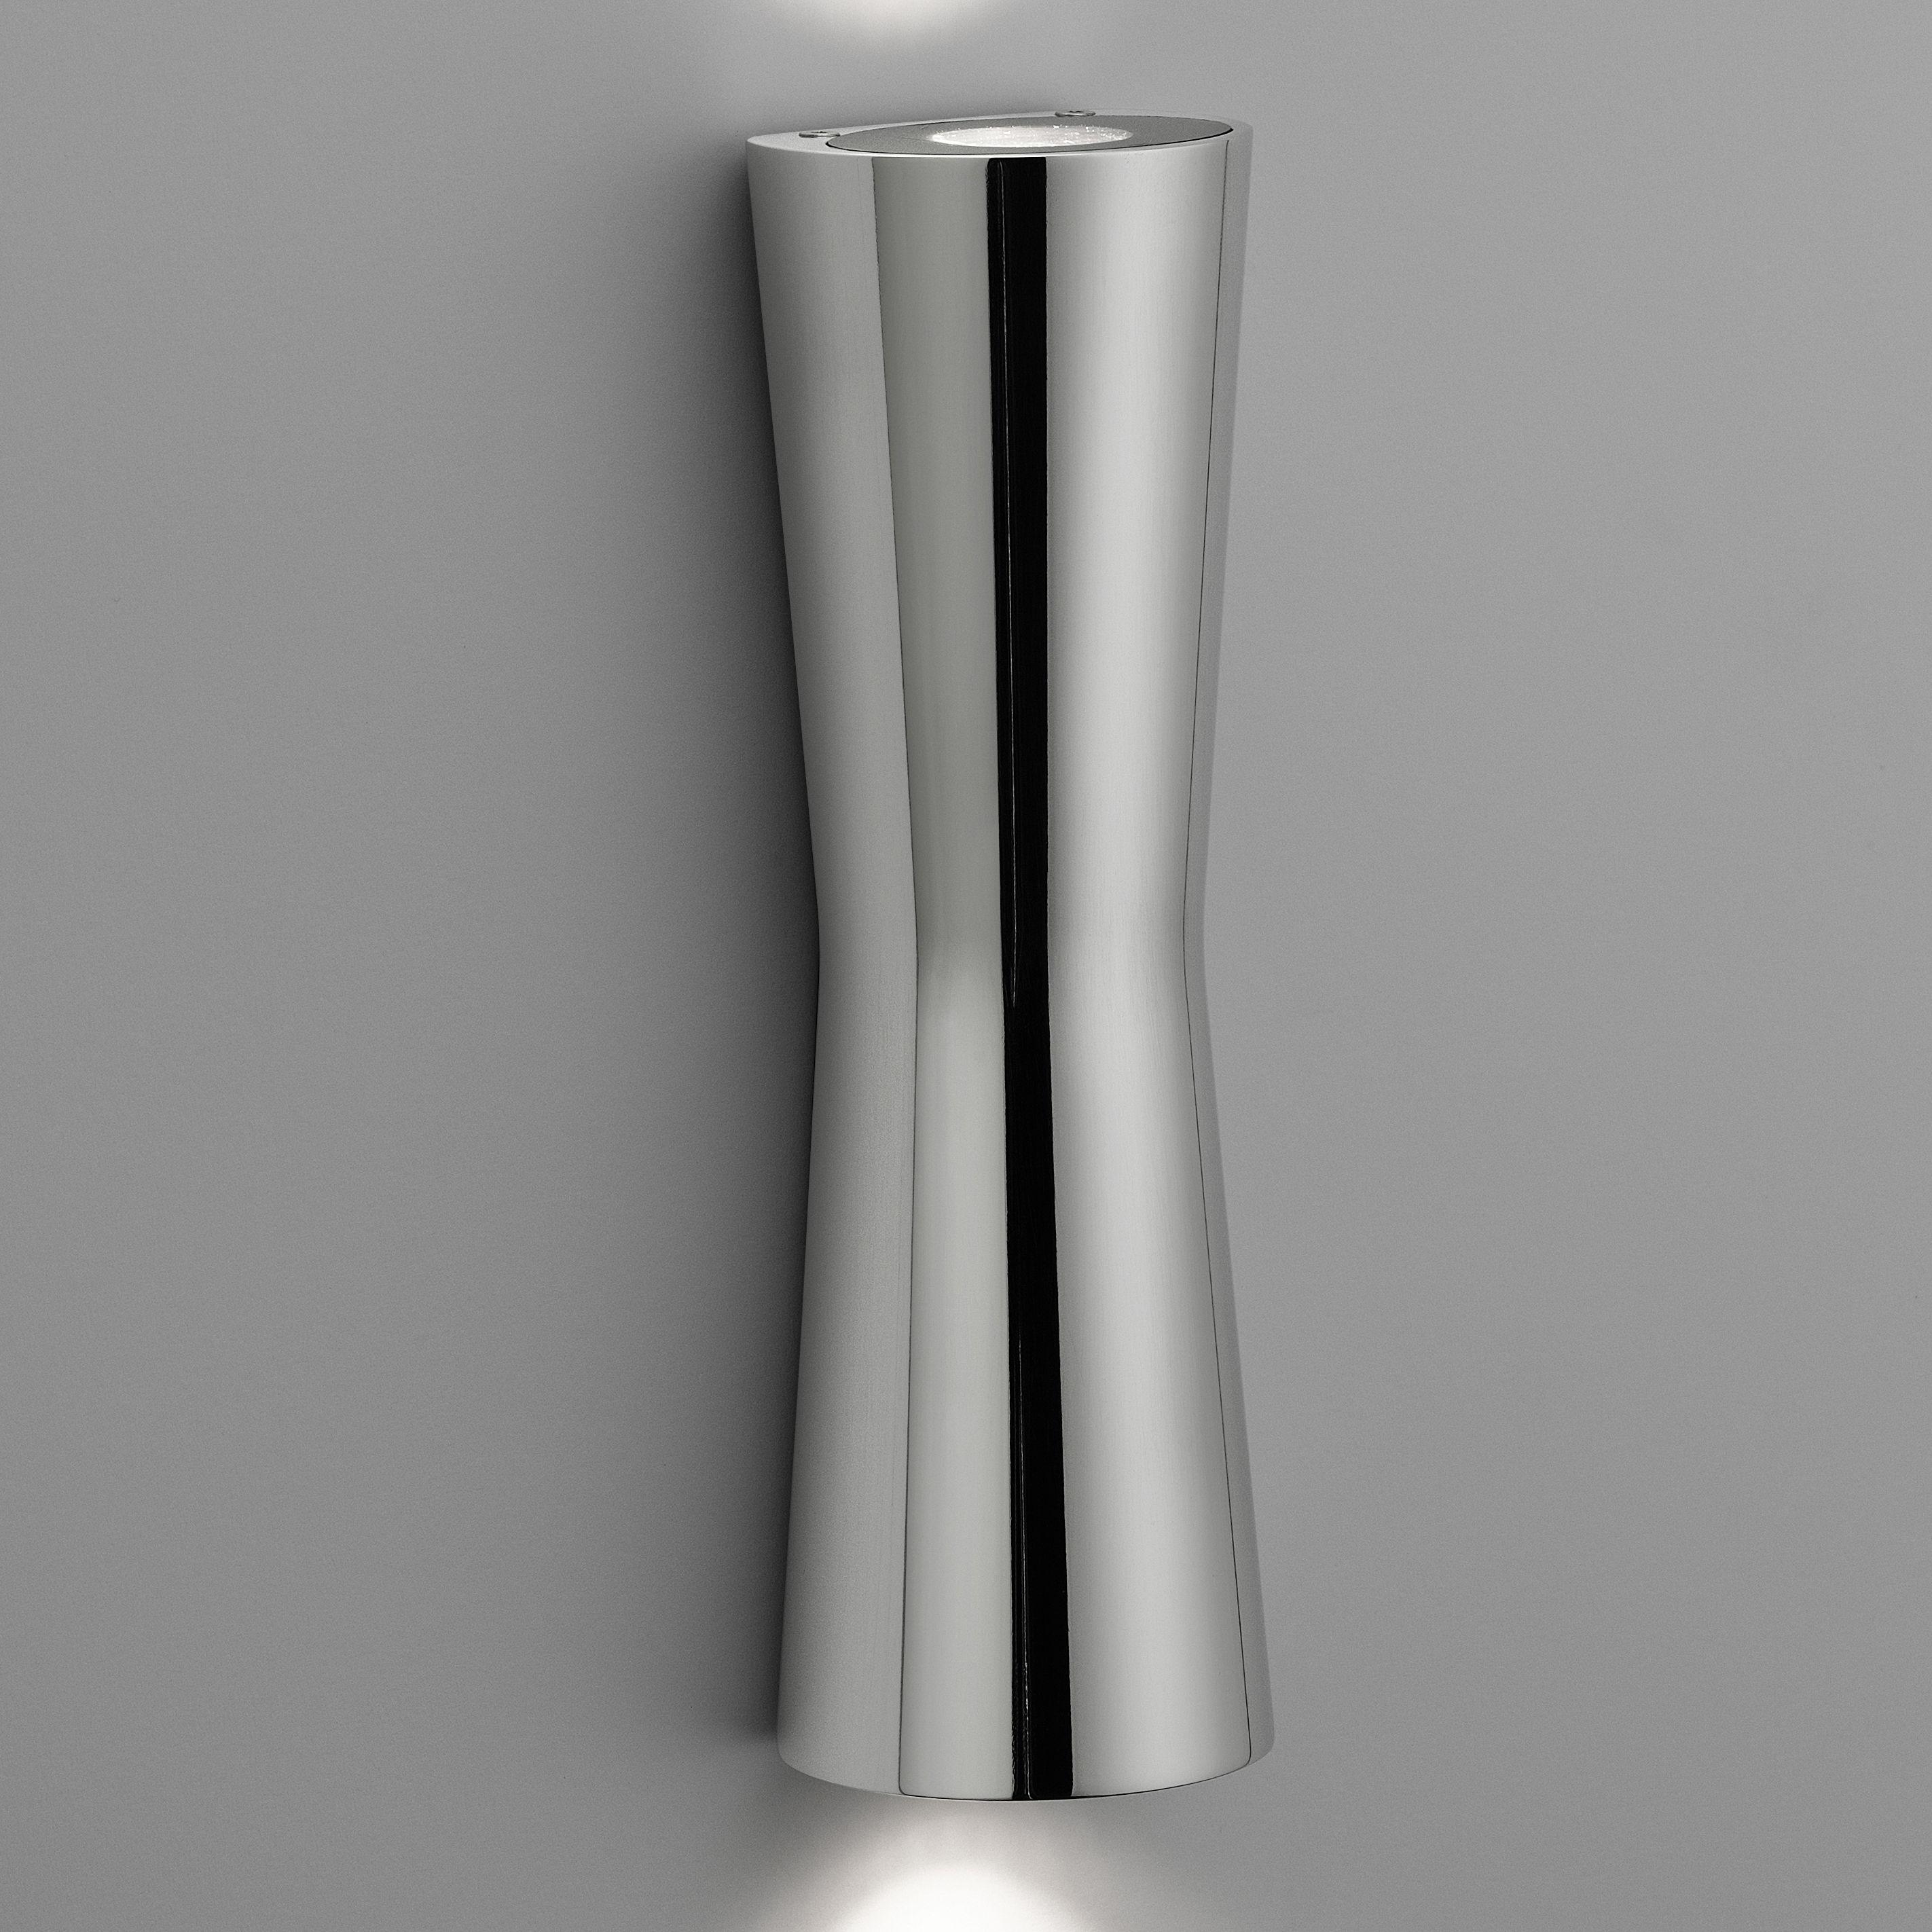 Illuminazione - Lampade da parete - Applique Clessidra 40° - LED - Per l'interno di Flos - Cromato - Ghisa di alluminio, PMMA